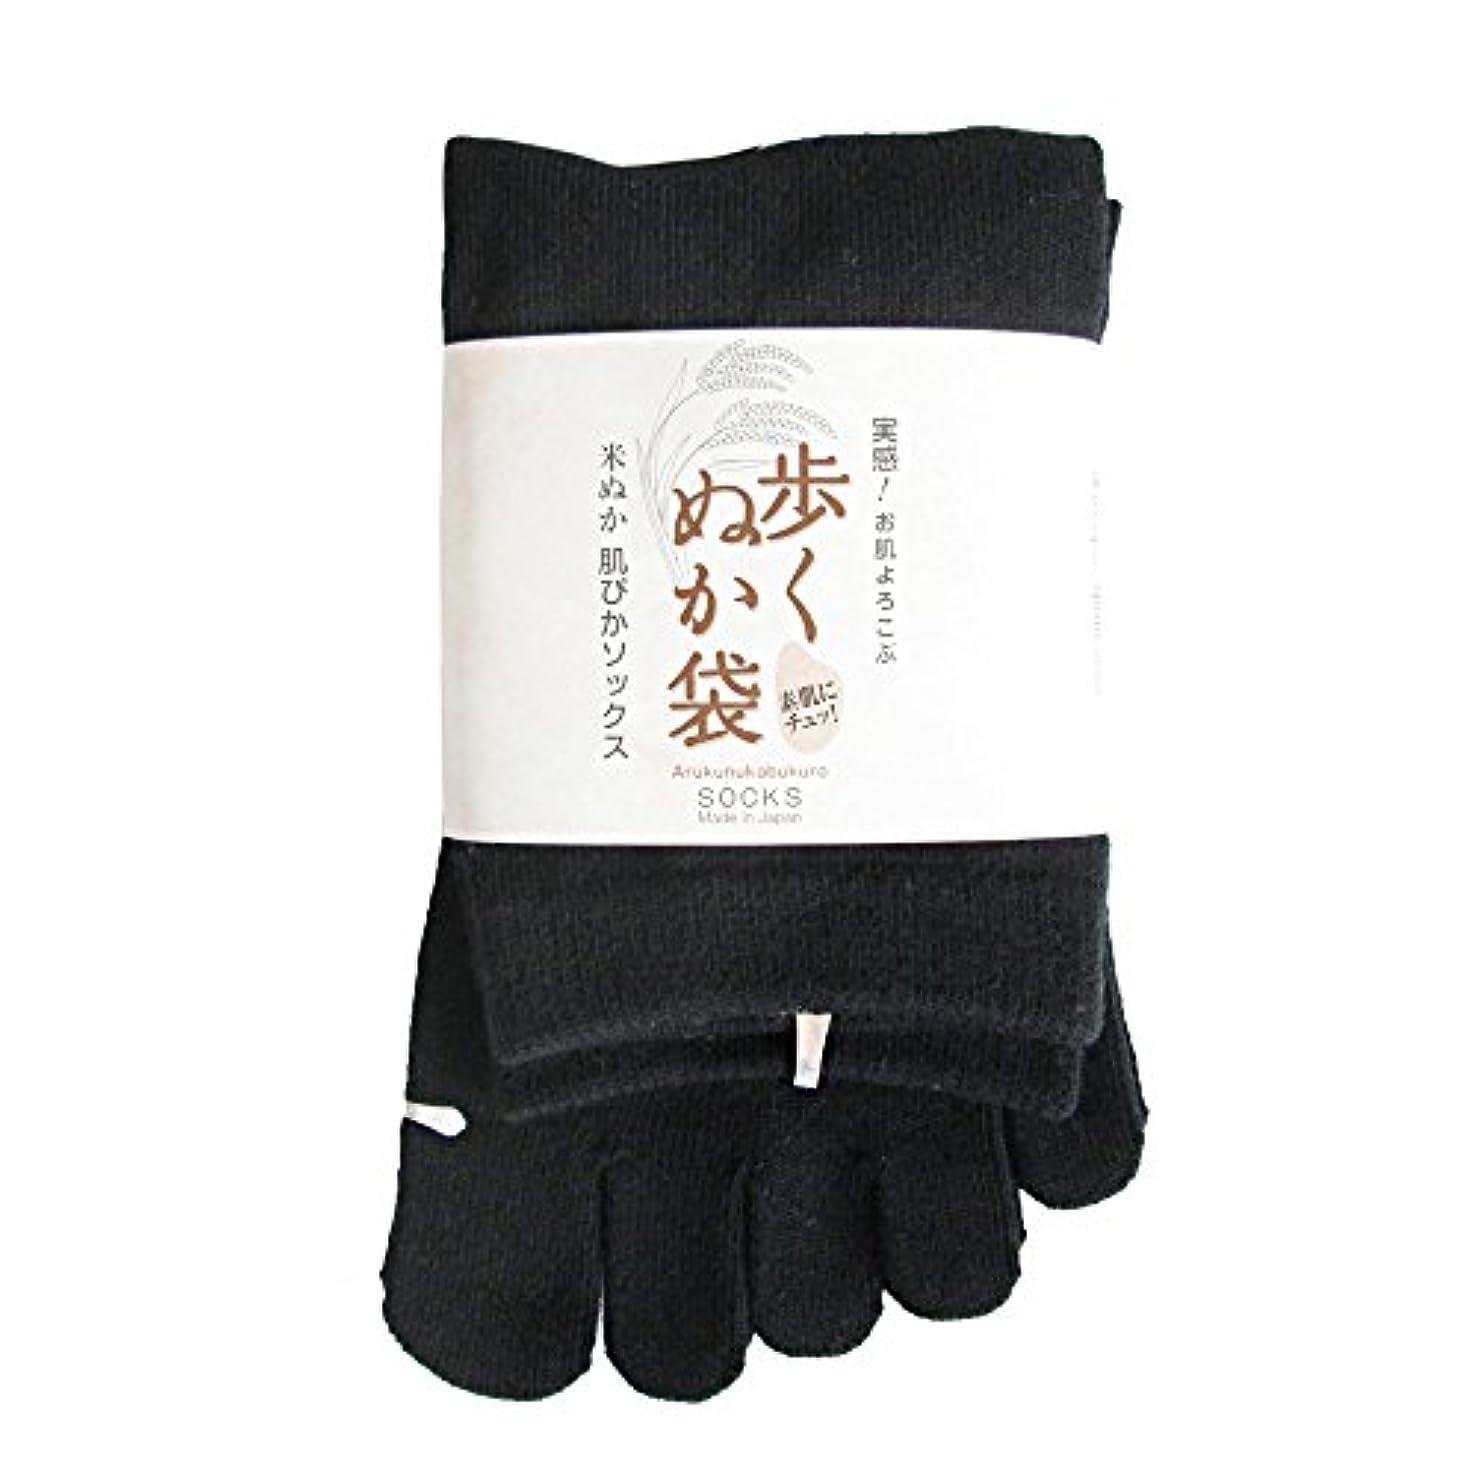 ペーストスコットランド人おいしい歩くぬか袋 米ぬかシリコン五本指 23-25cm ブラック